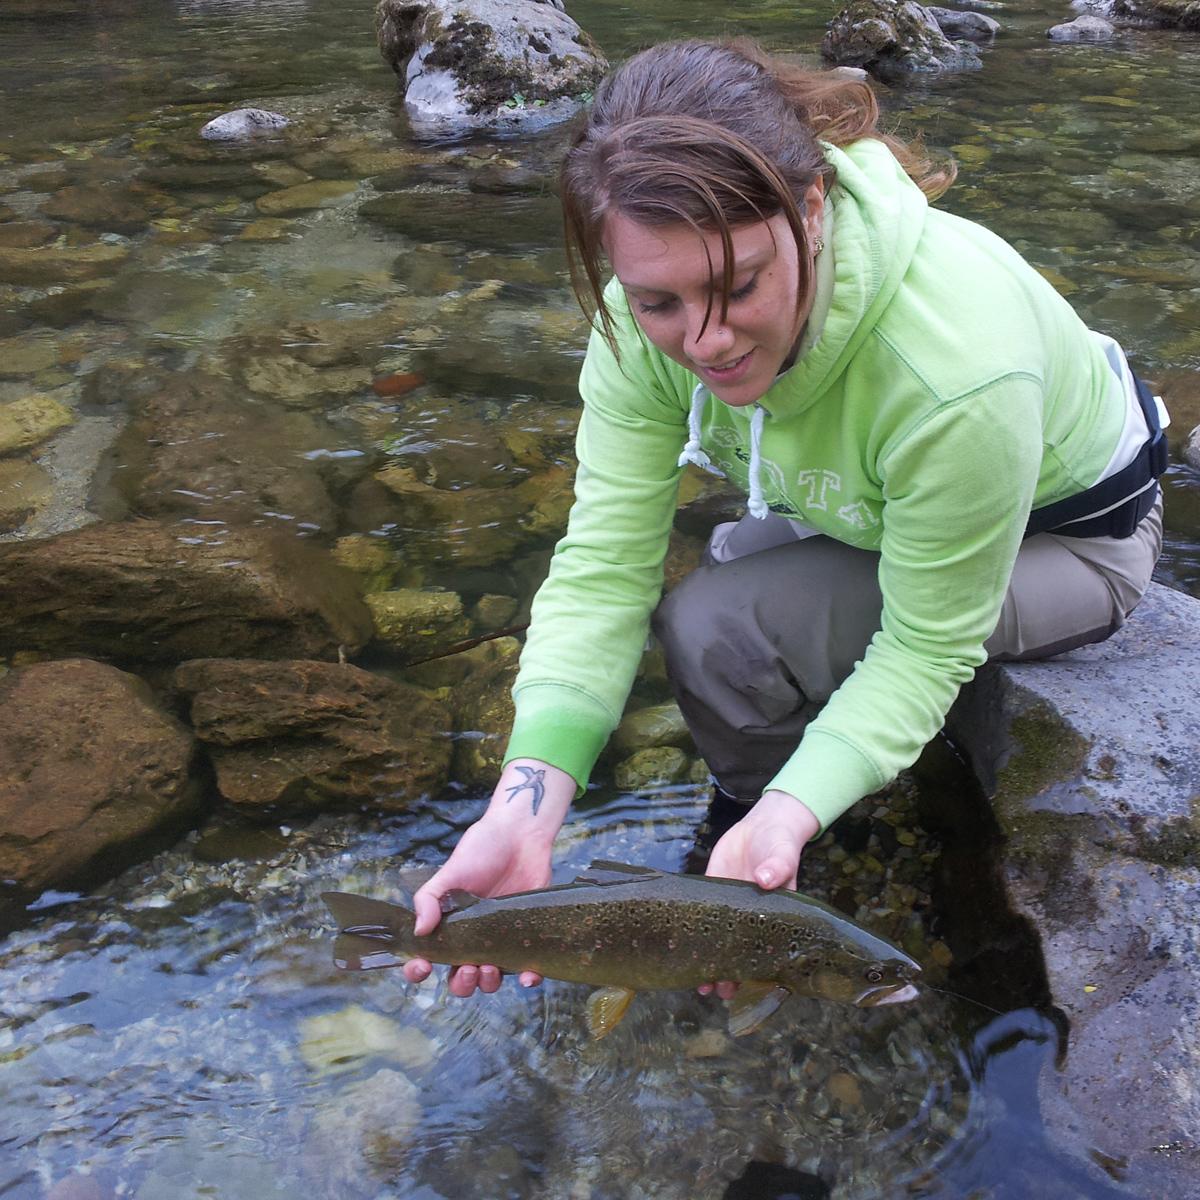 Fliegenfischerin Sonja mit Bachforelle